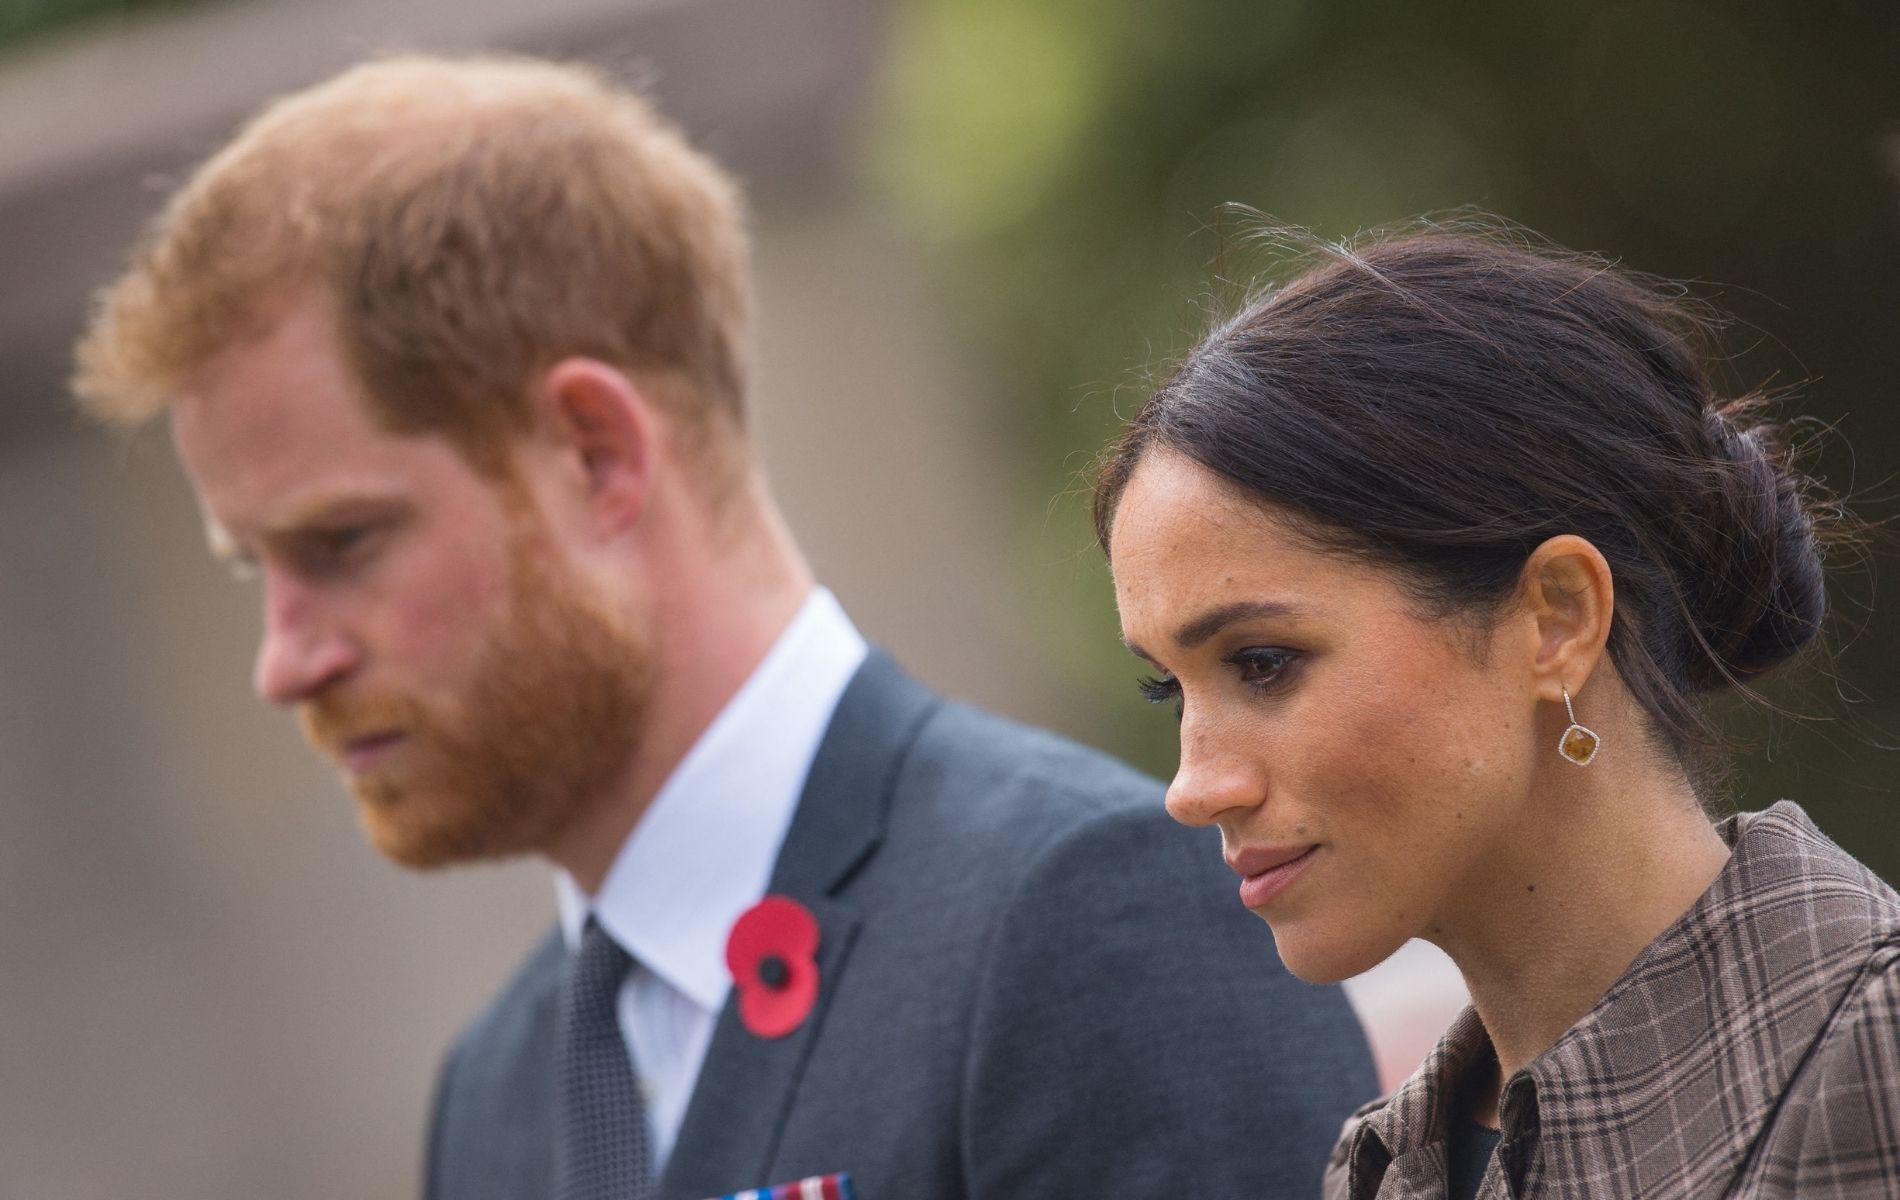 La moitié des Anglais ne regarderont pas l'interview de Meghan et Harry accordée à Oprah Winfrey